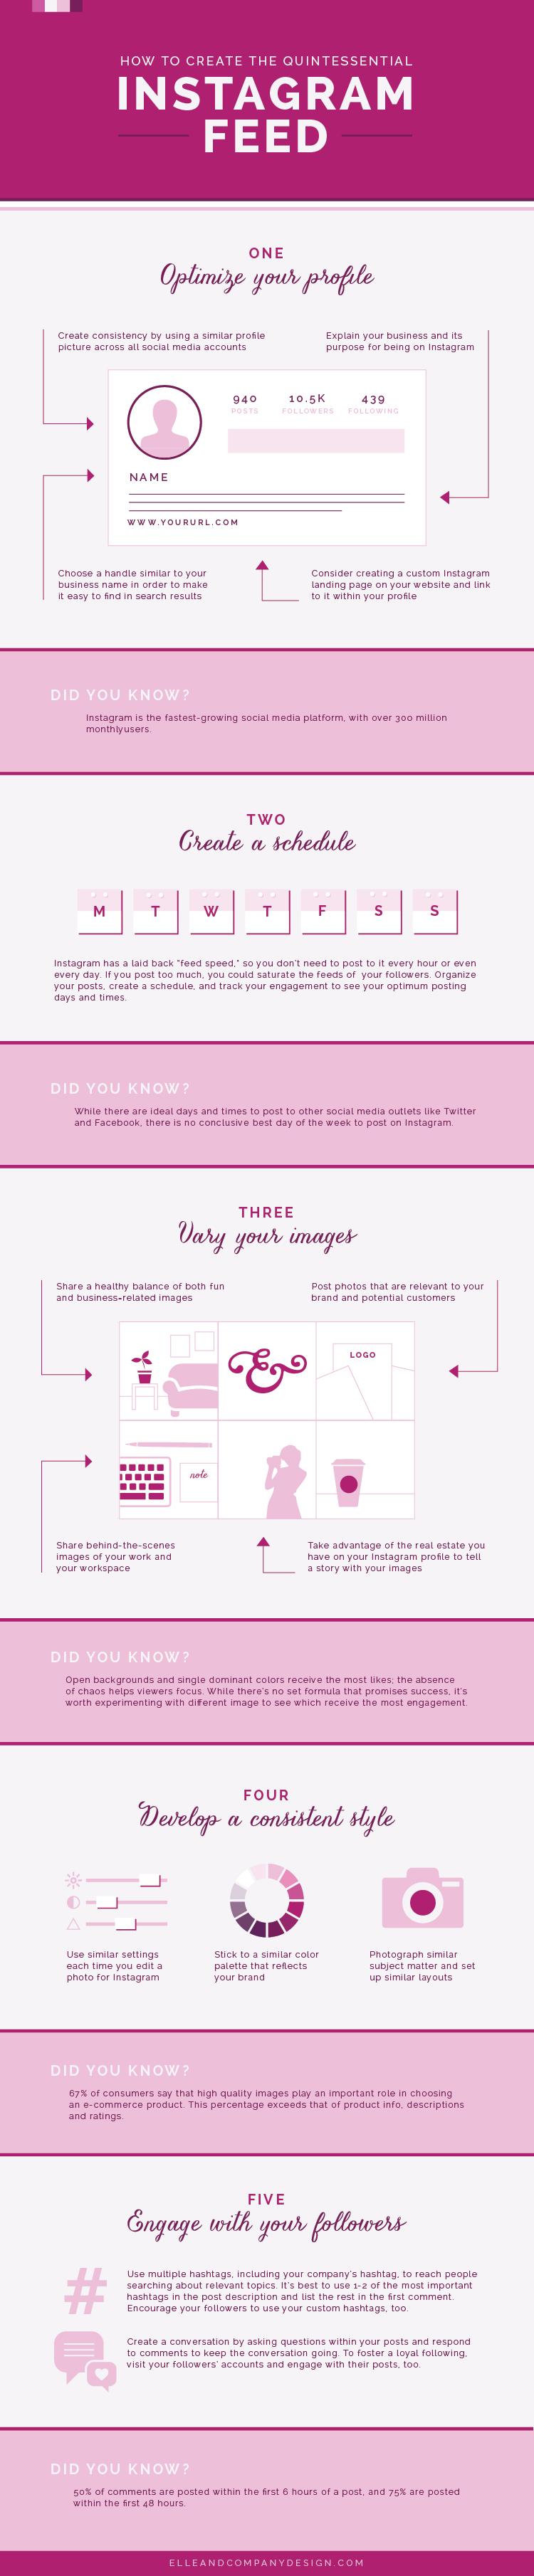 Cómo organiar las publicaciones de tu feed de instagram